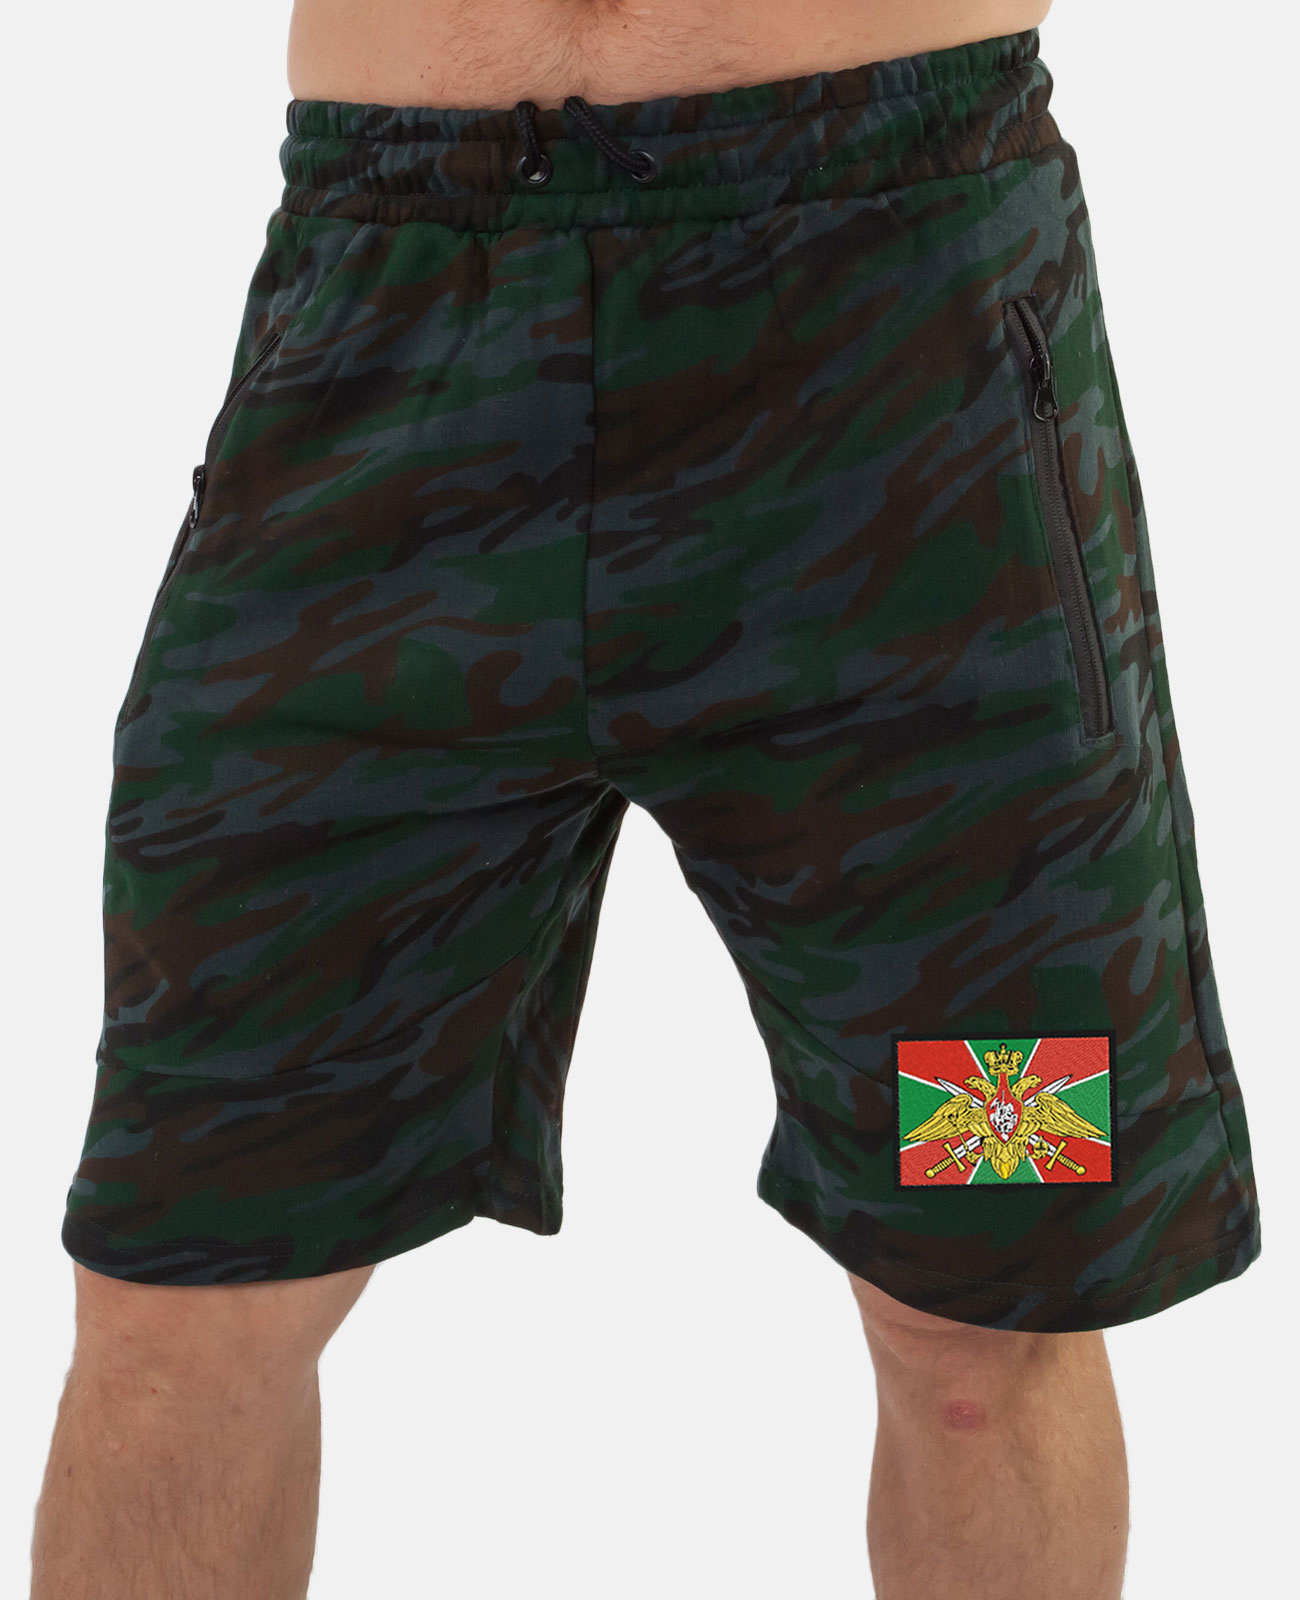 Мужские шорты камуфляж недорого онлайн